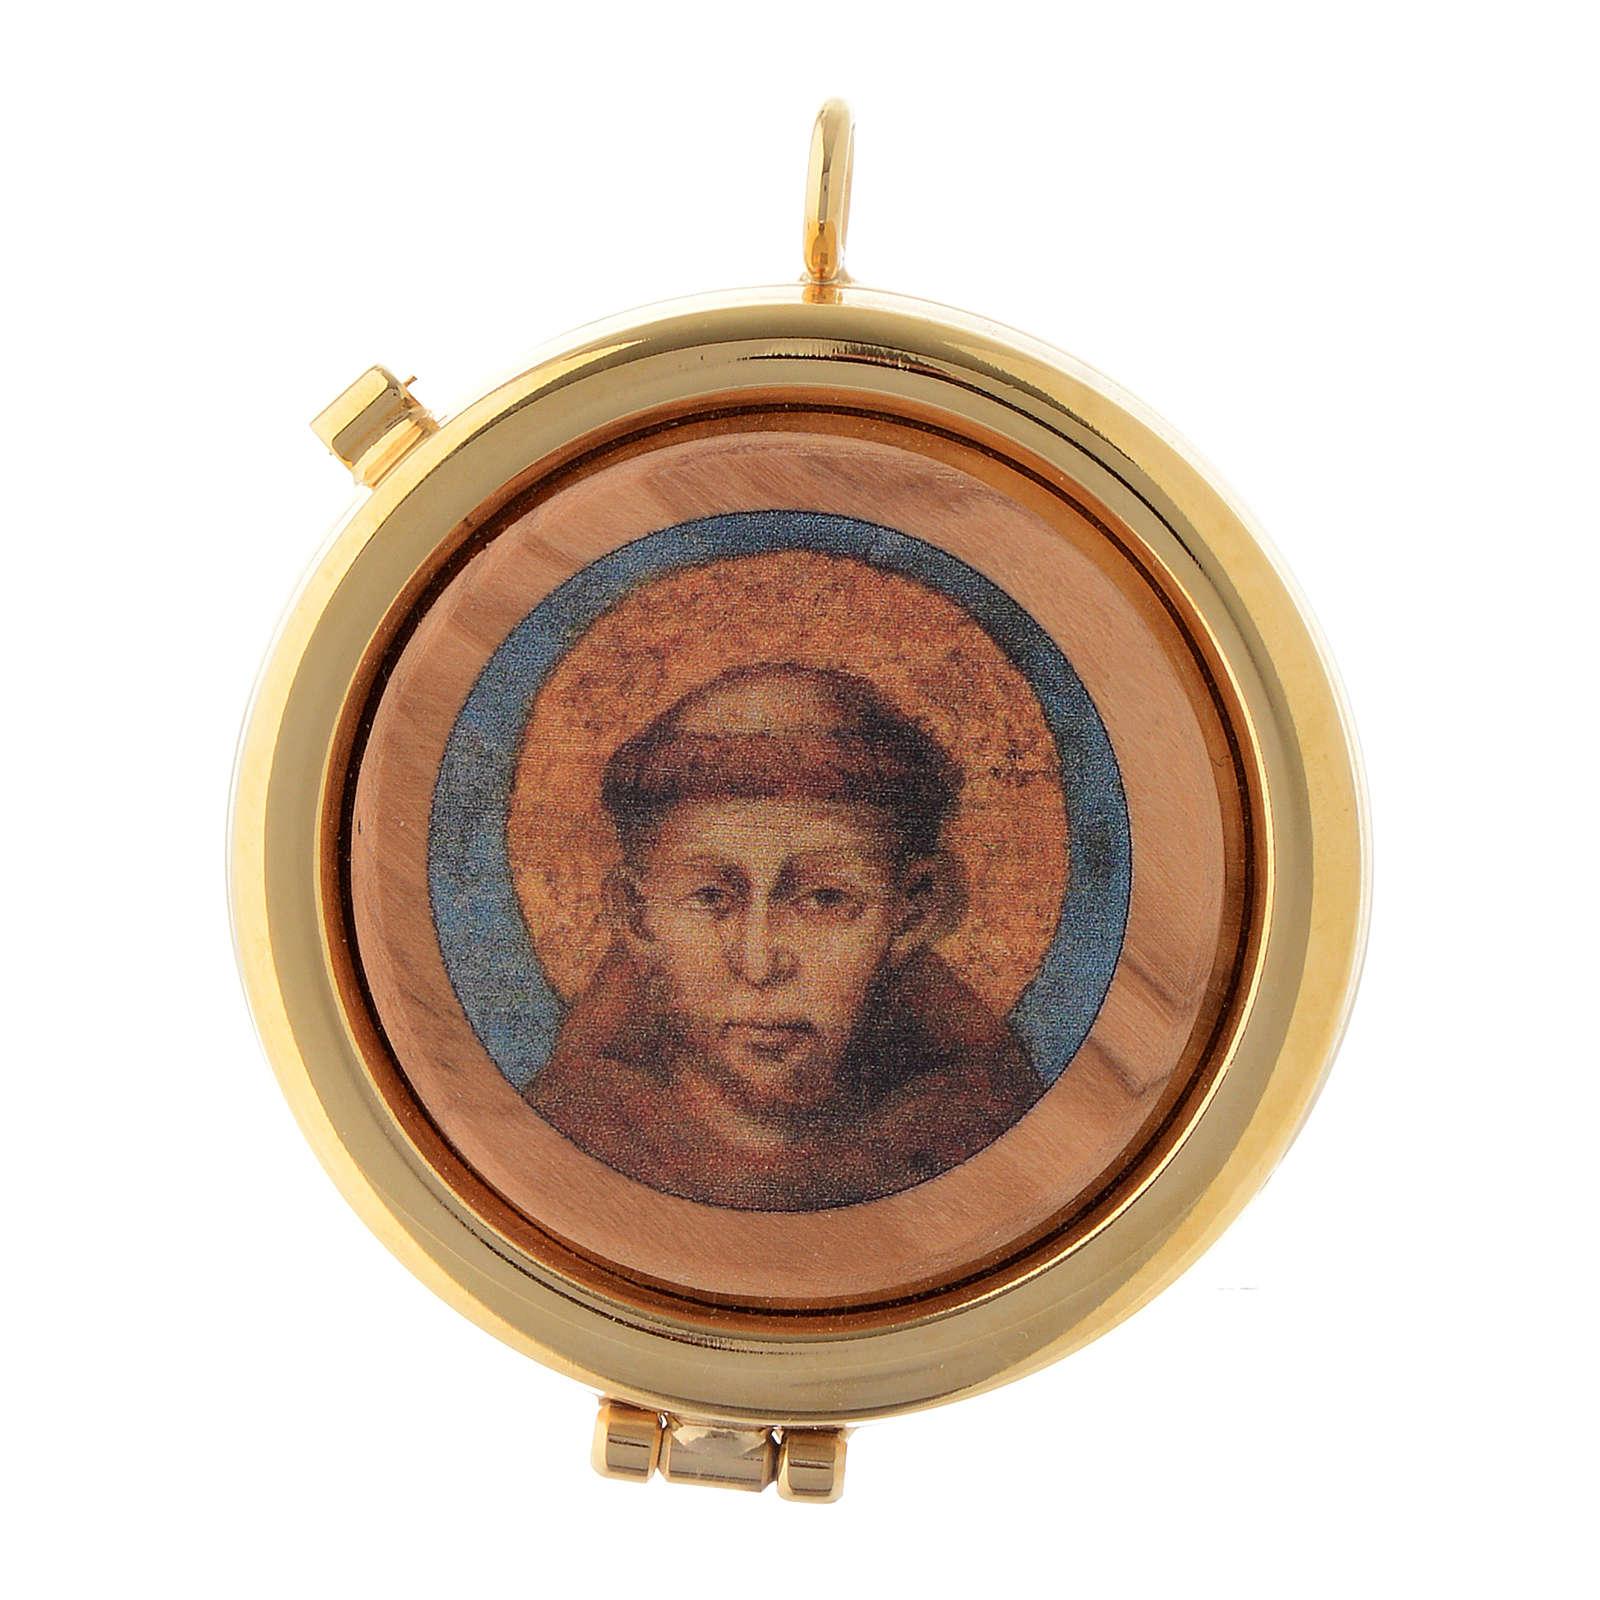 Teca placca ulivo San Francesco Assisi diam. 6 cm 3